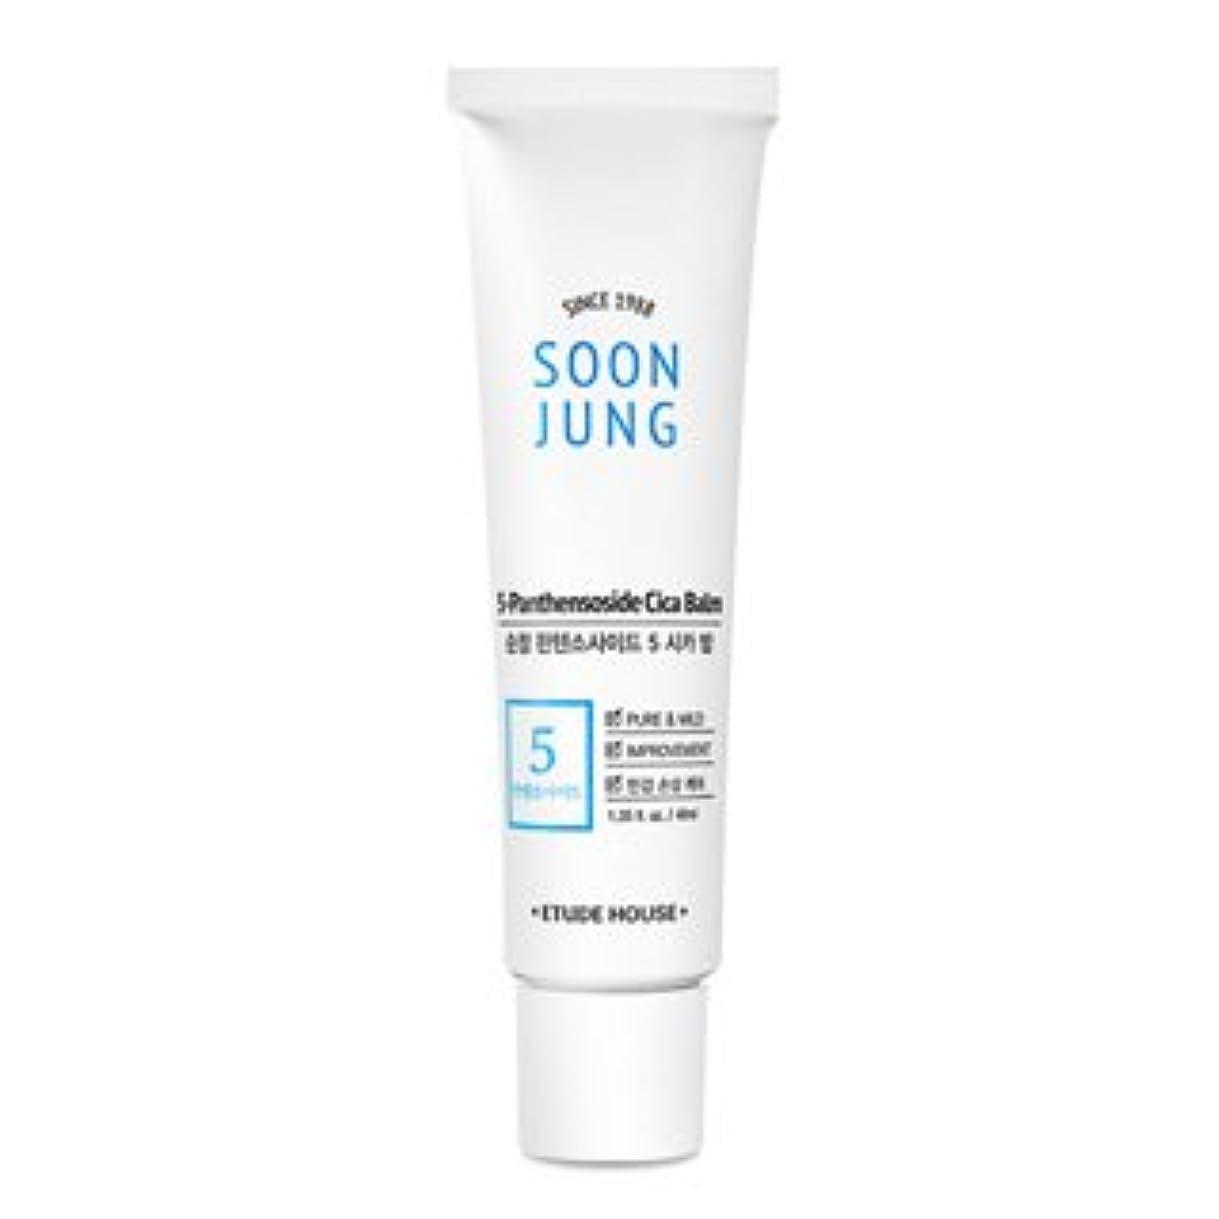 スコットランド人セメントチェリー[New] ETUDE HOUSE Soon Jung 5-Panthensoside Cica Balm/エチュードハウス スンジョン 5-パンテンソシド シカ バーム (40ml) [並行輸入品]